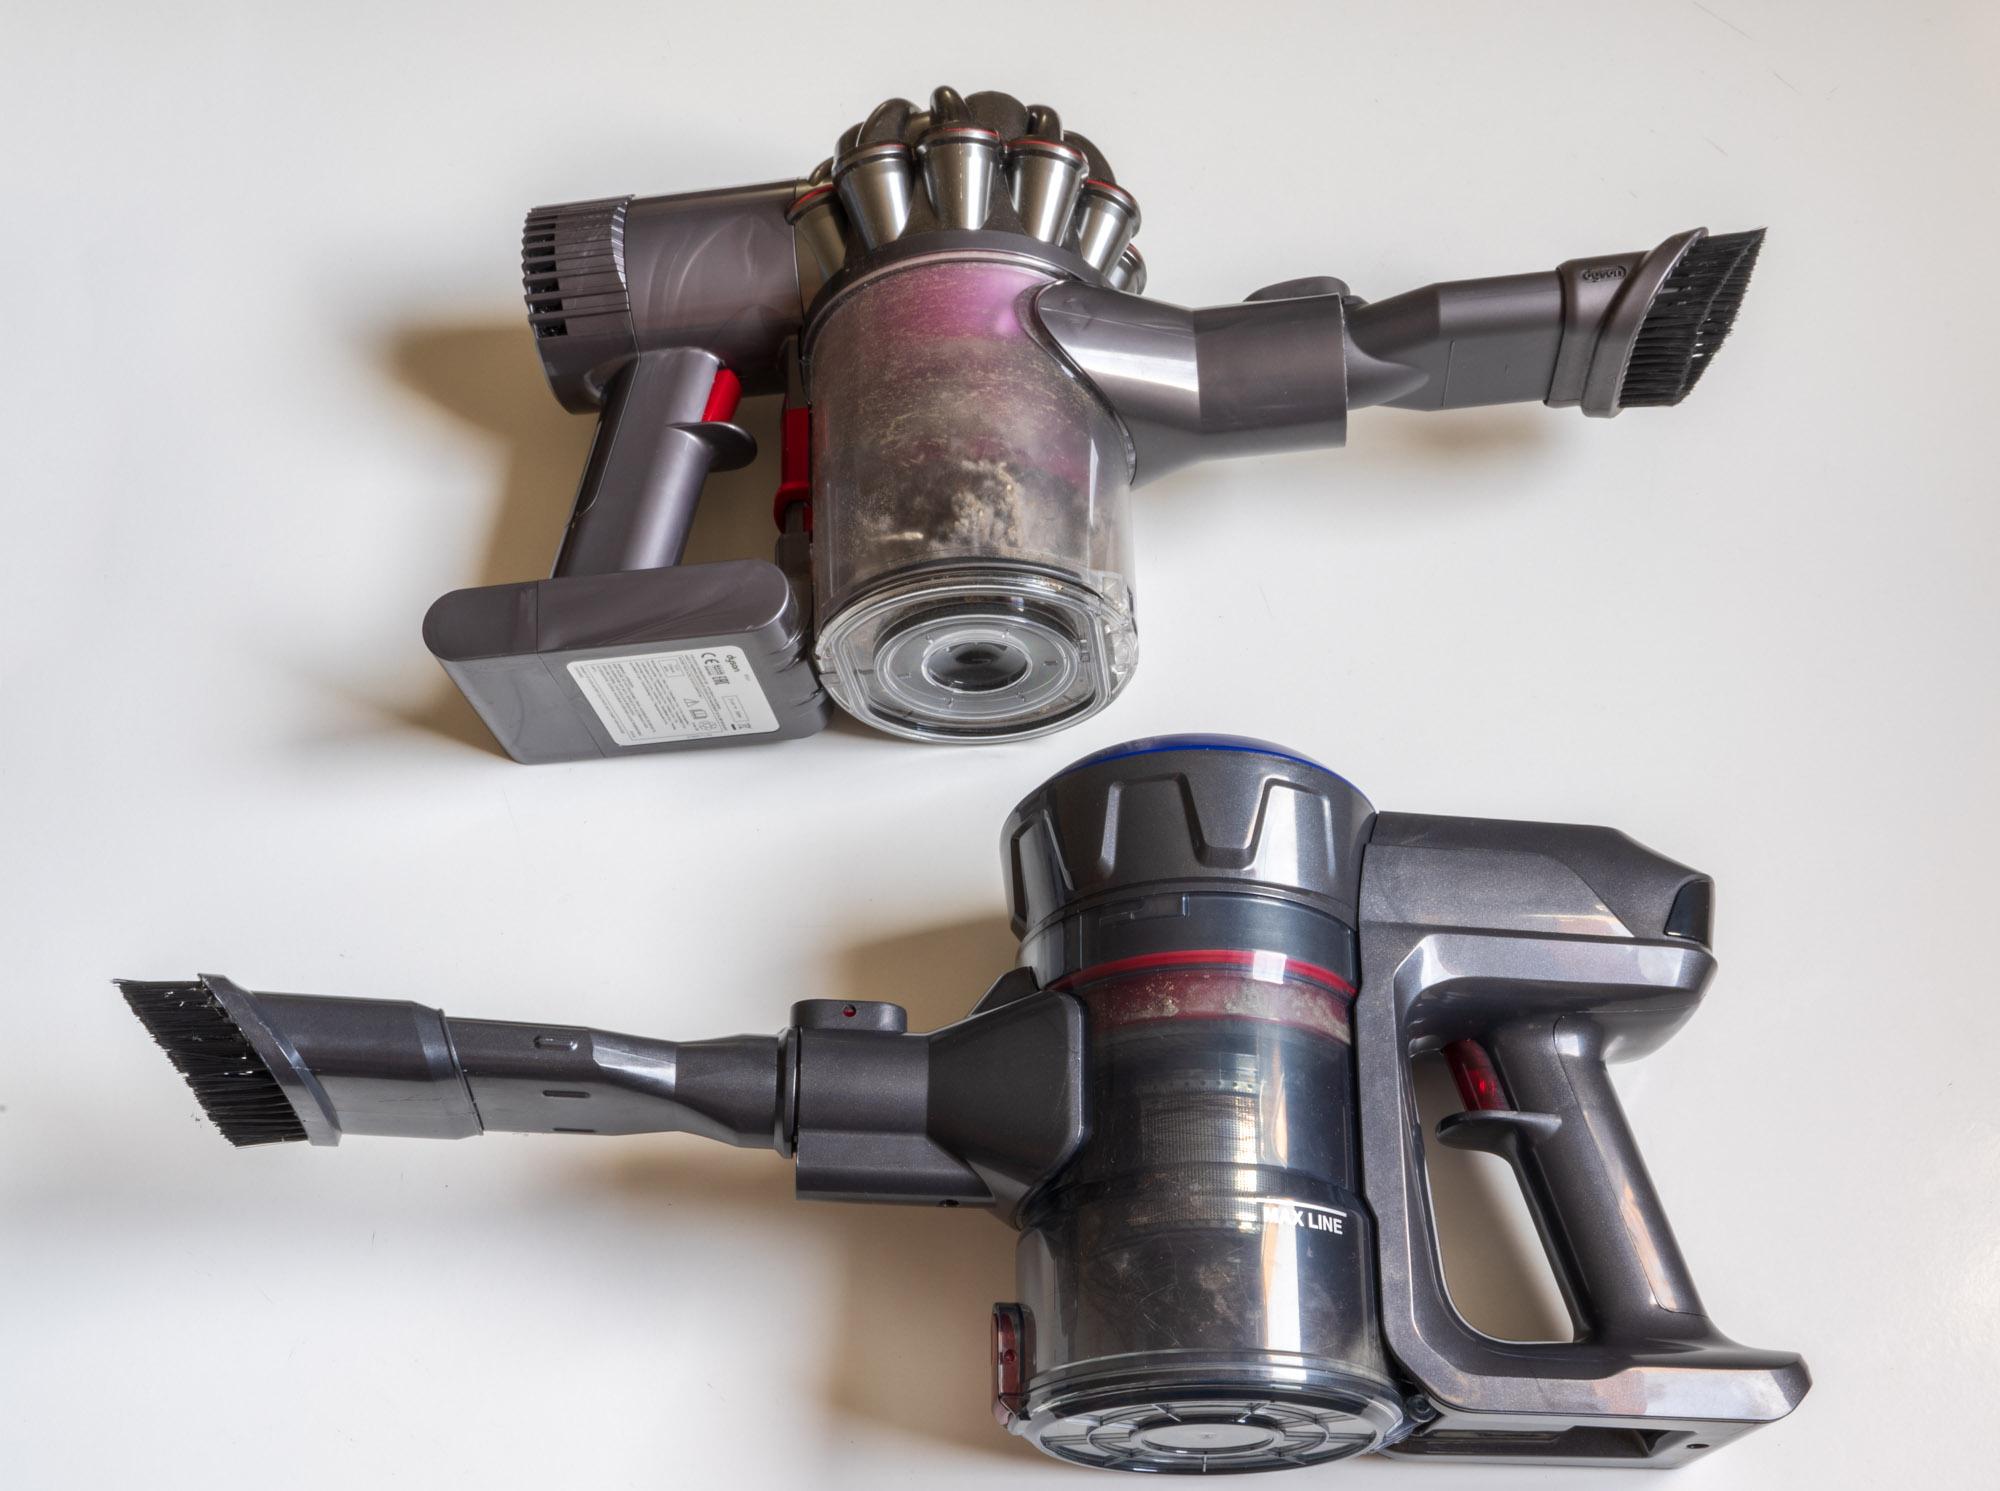 L'aspirateur sans-fil Dibea D18 sans la rallonge